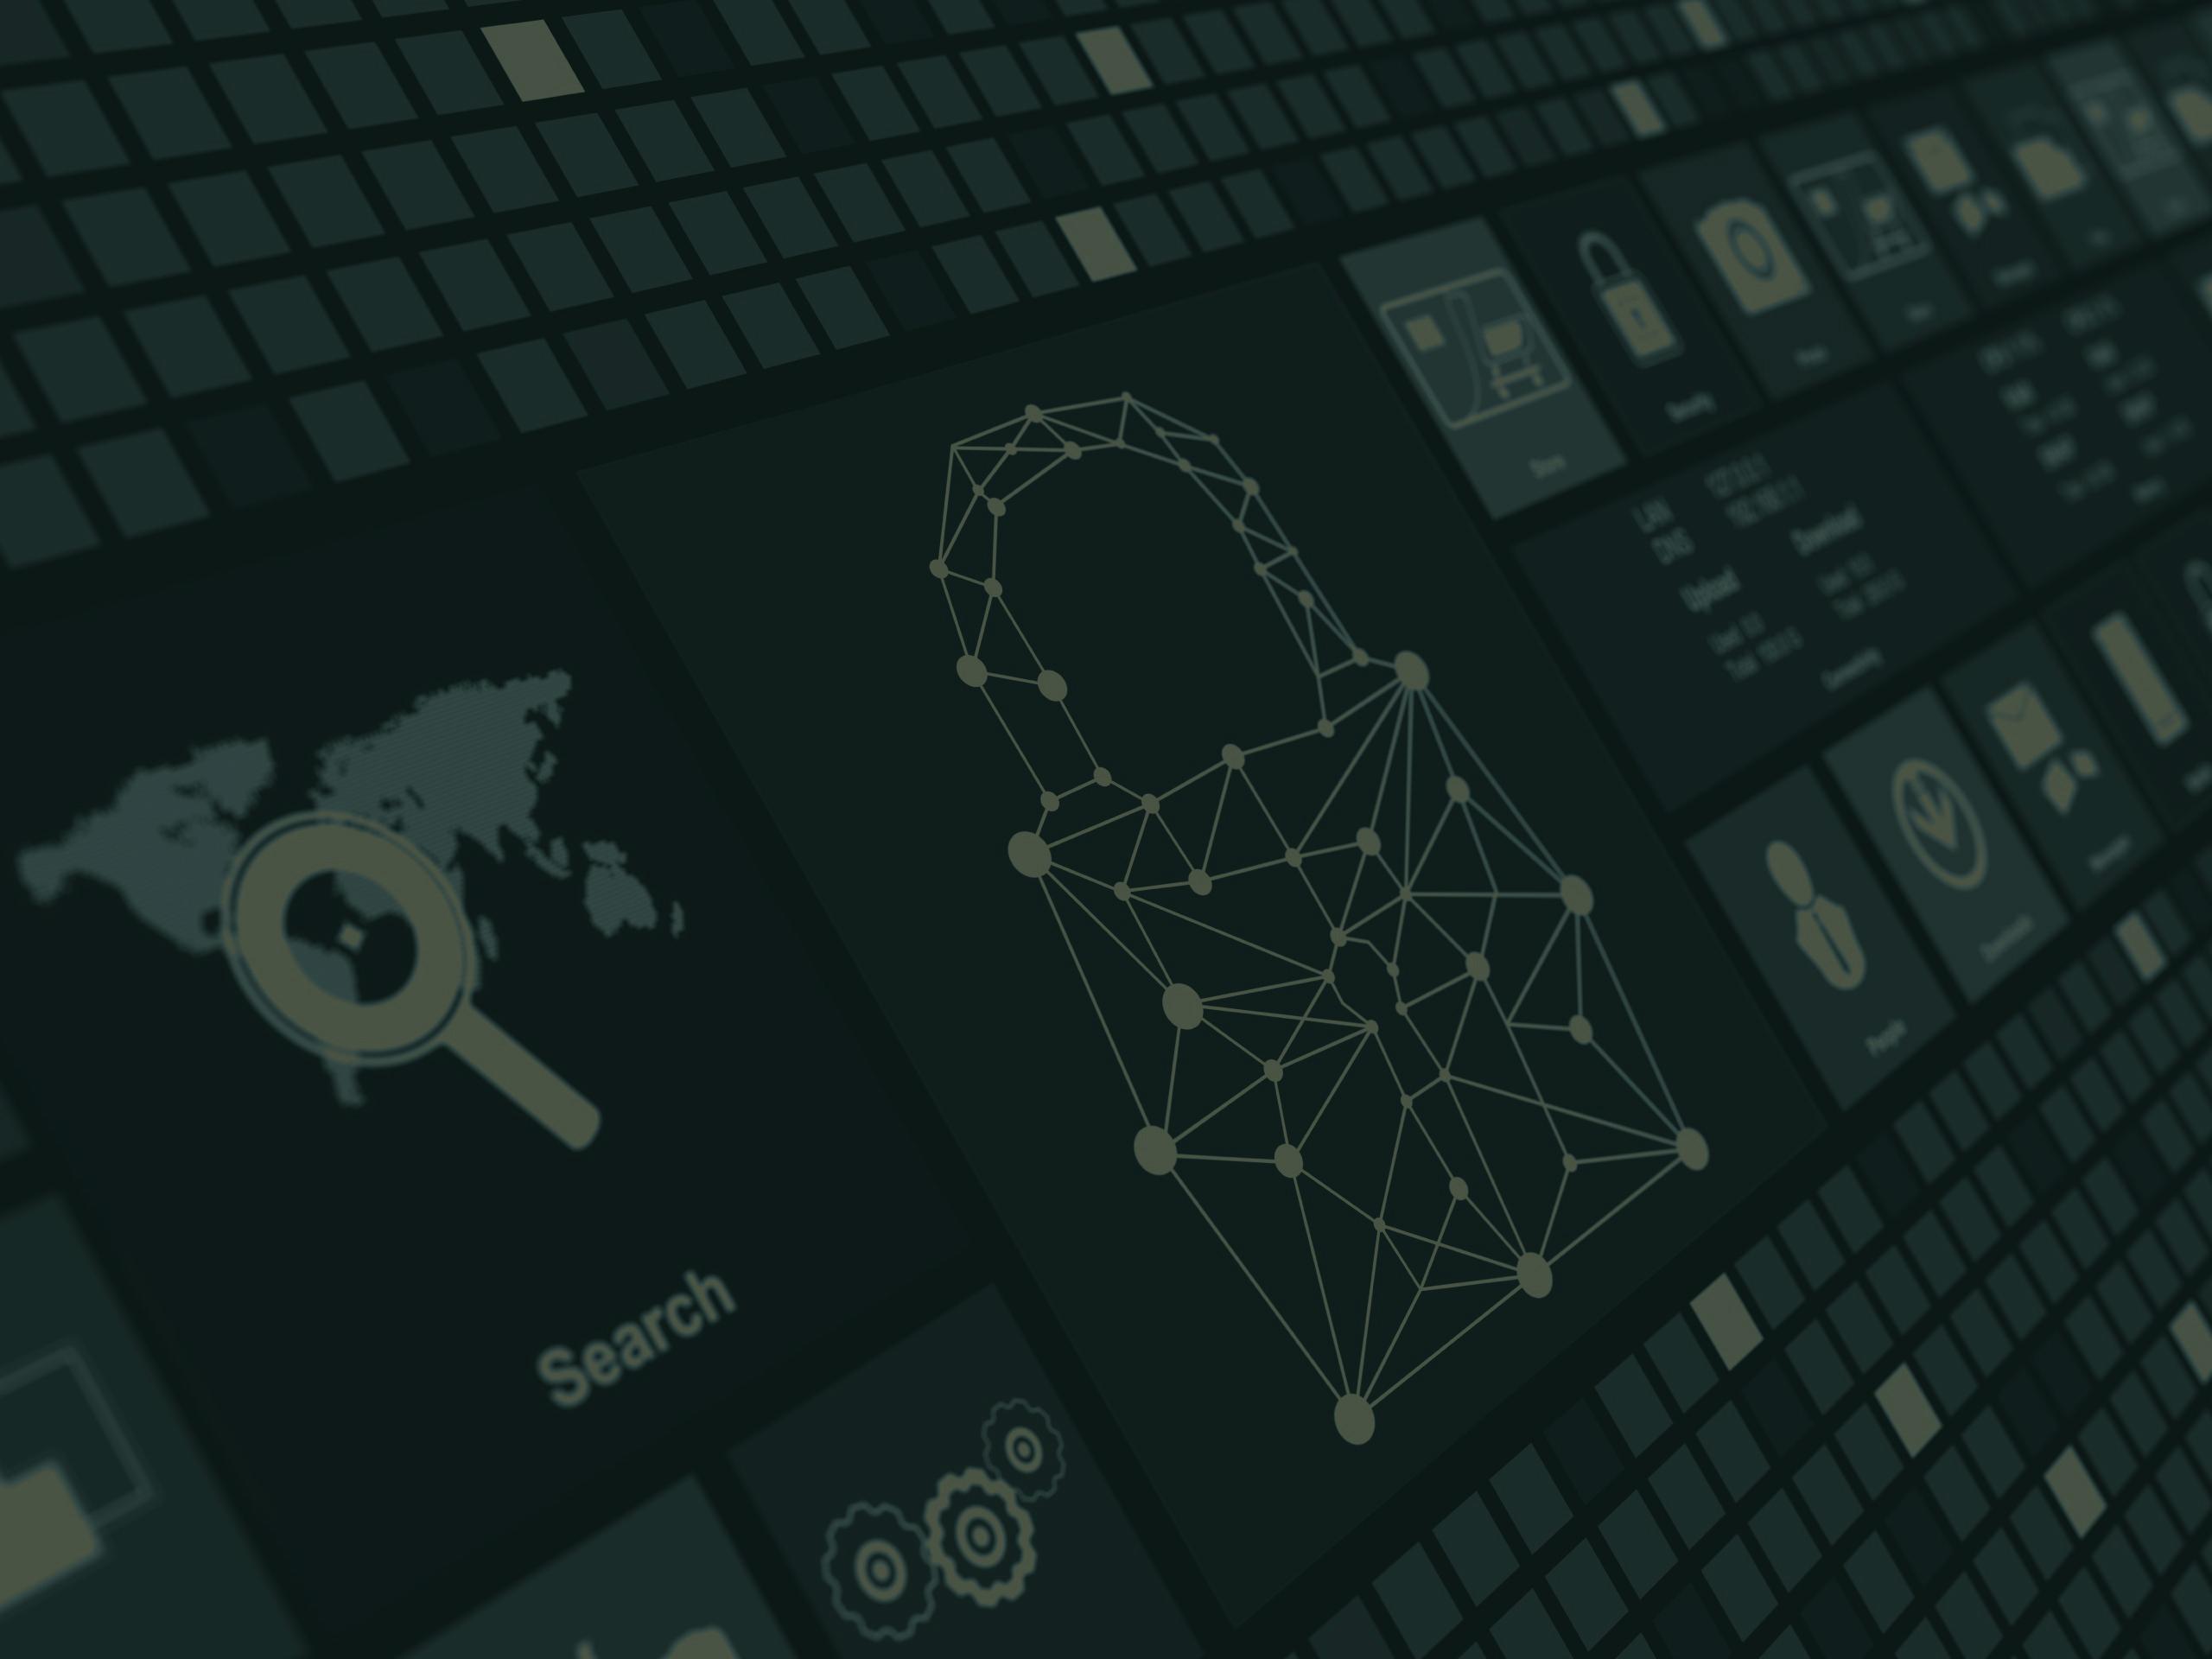 treinamentos em segurança da informação